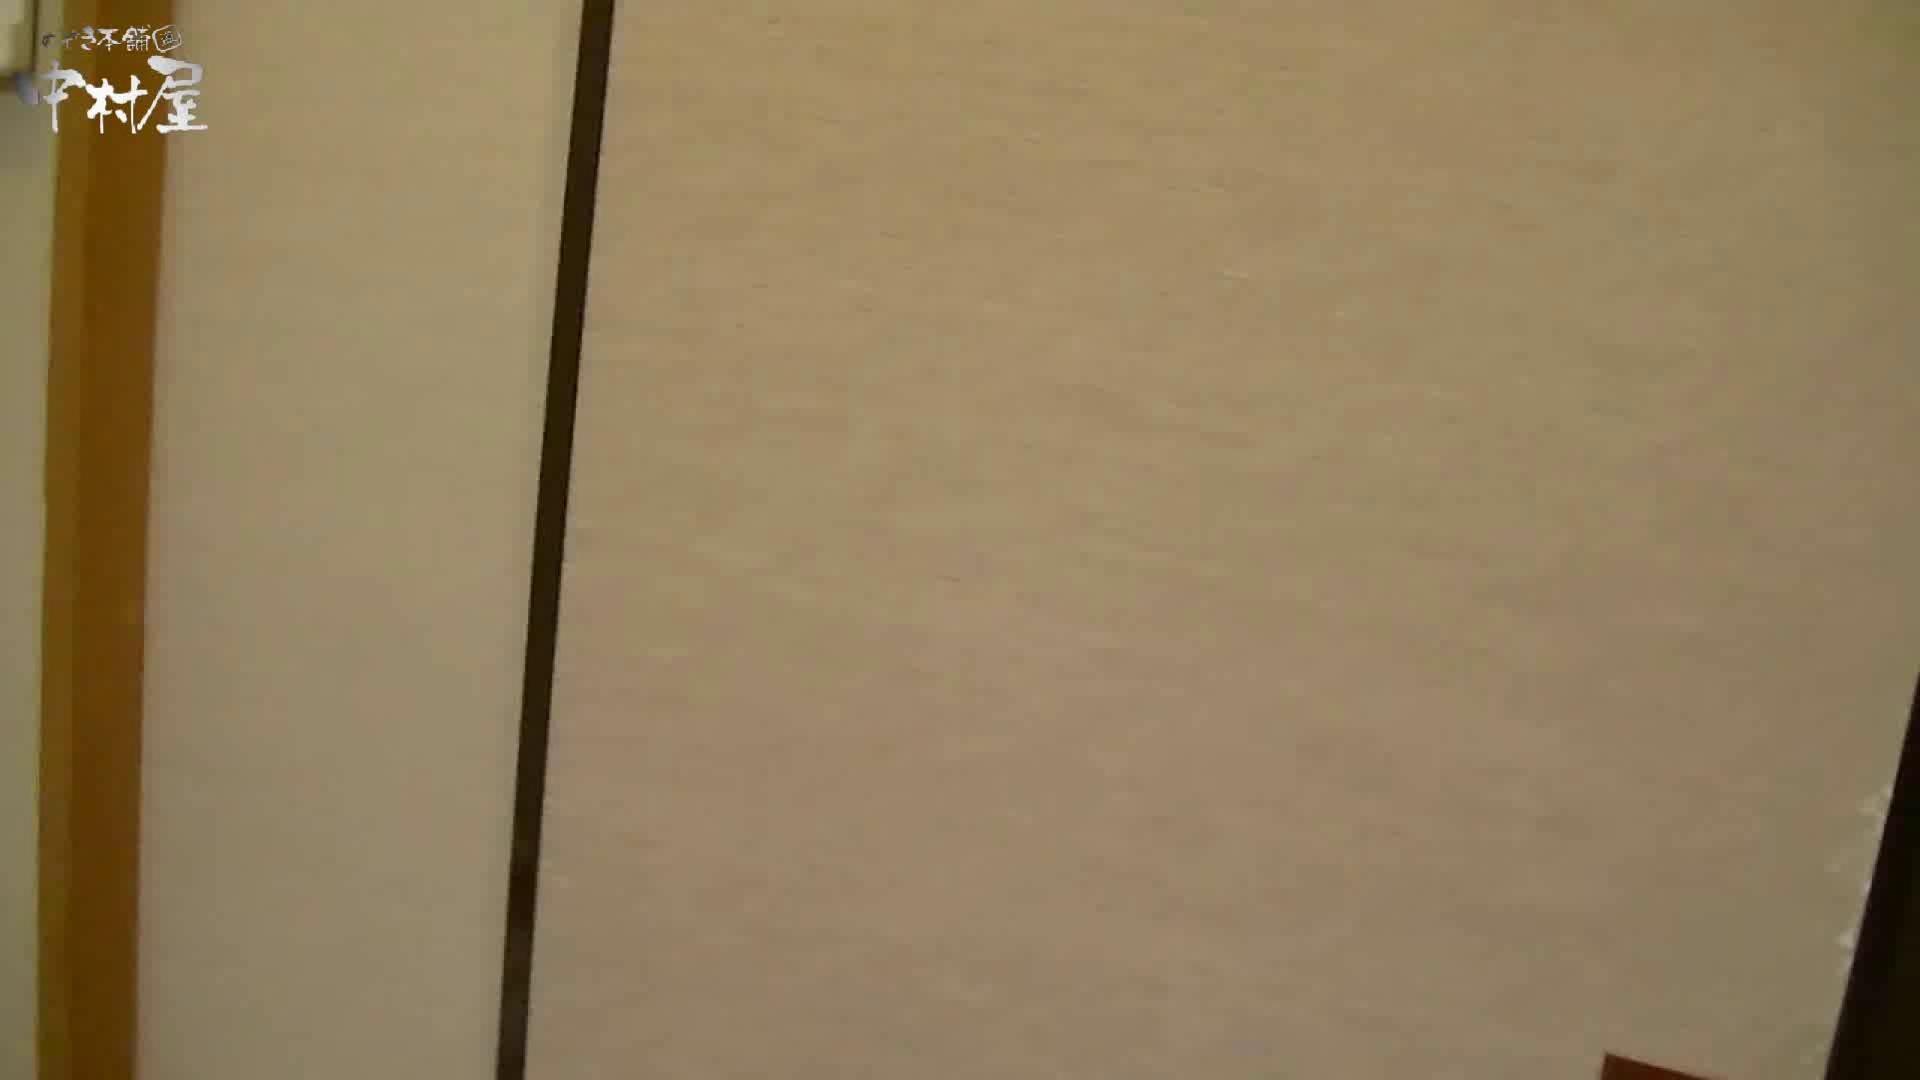 ネムリ姫 vol.47 マンコ | 鬼畜  76連発 1